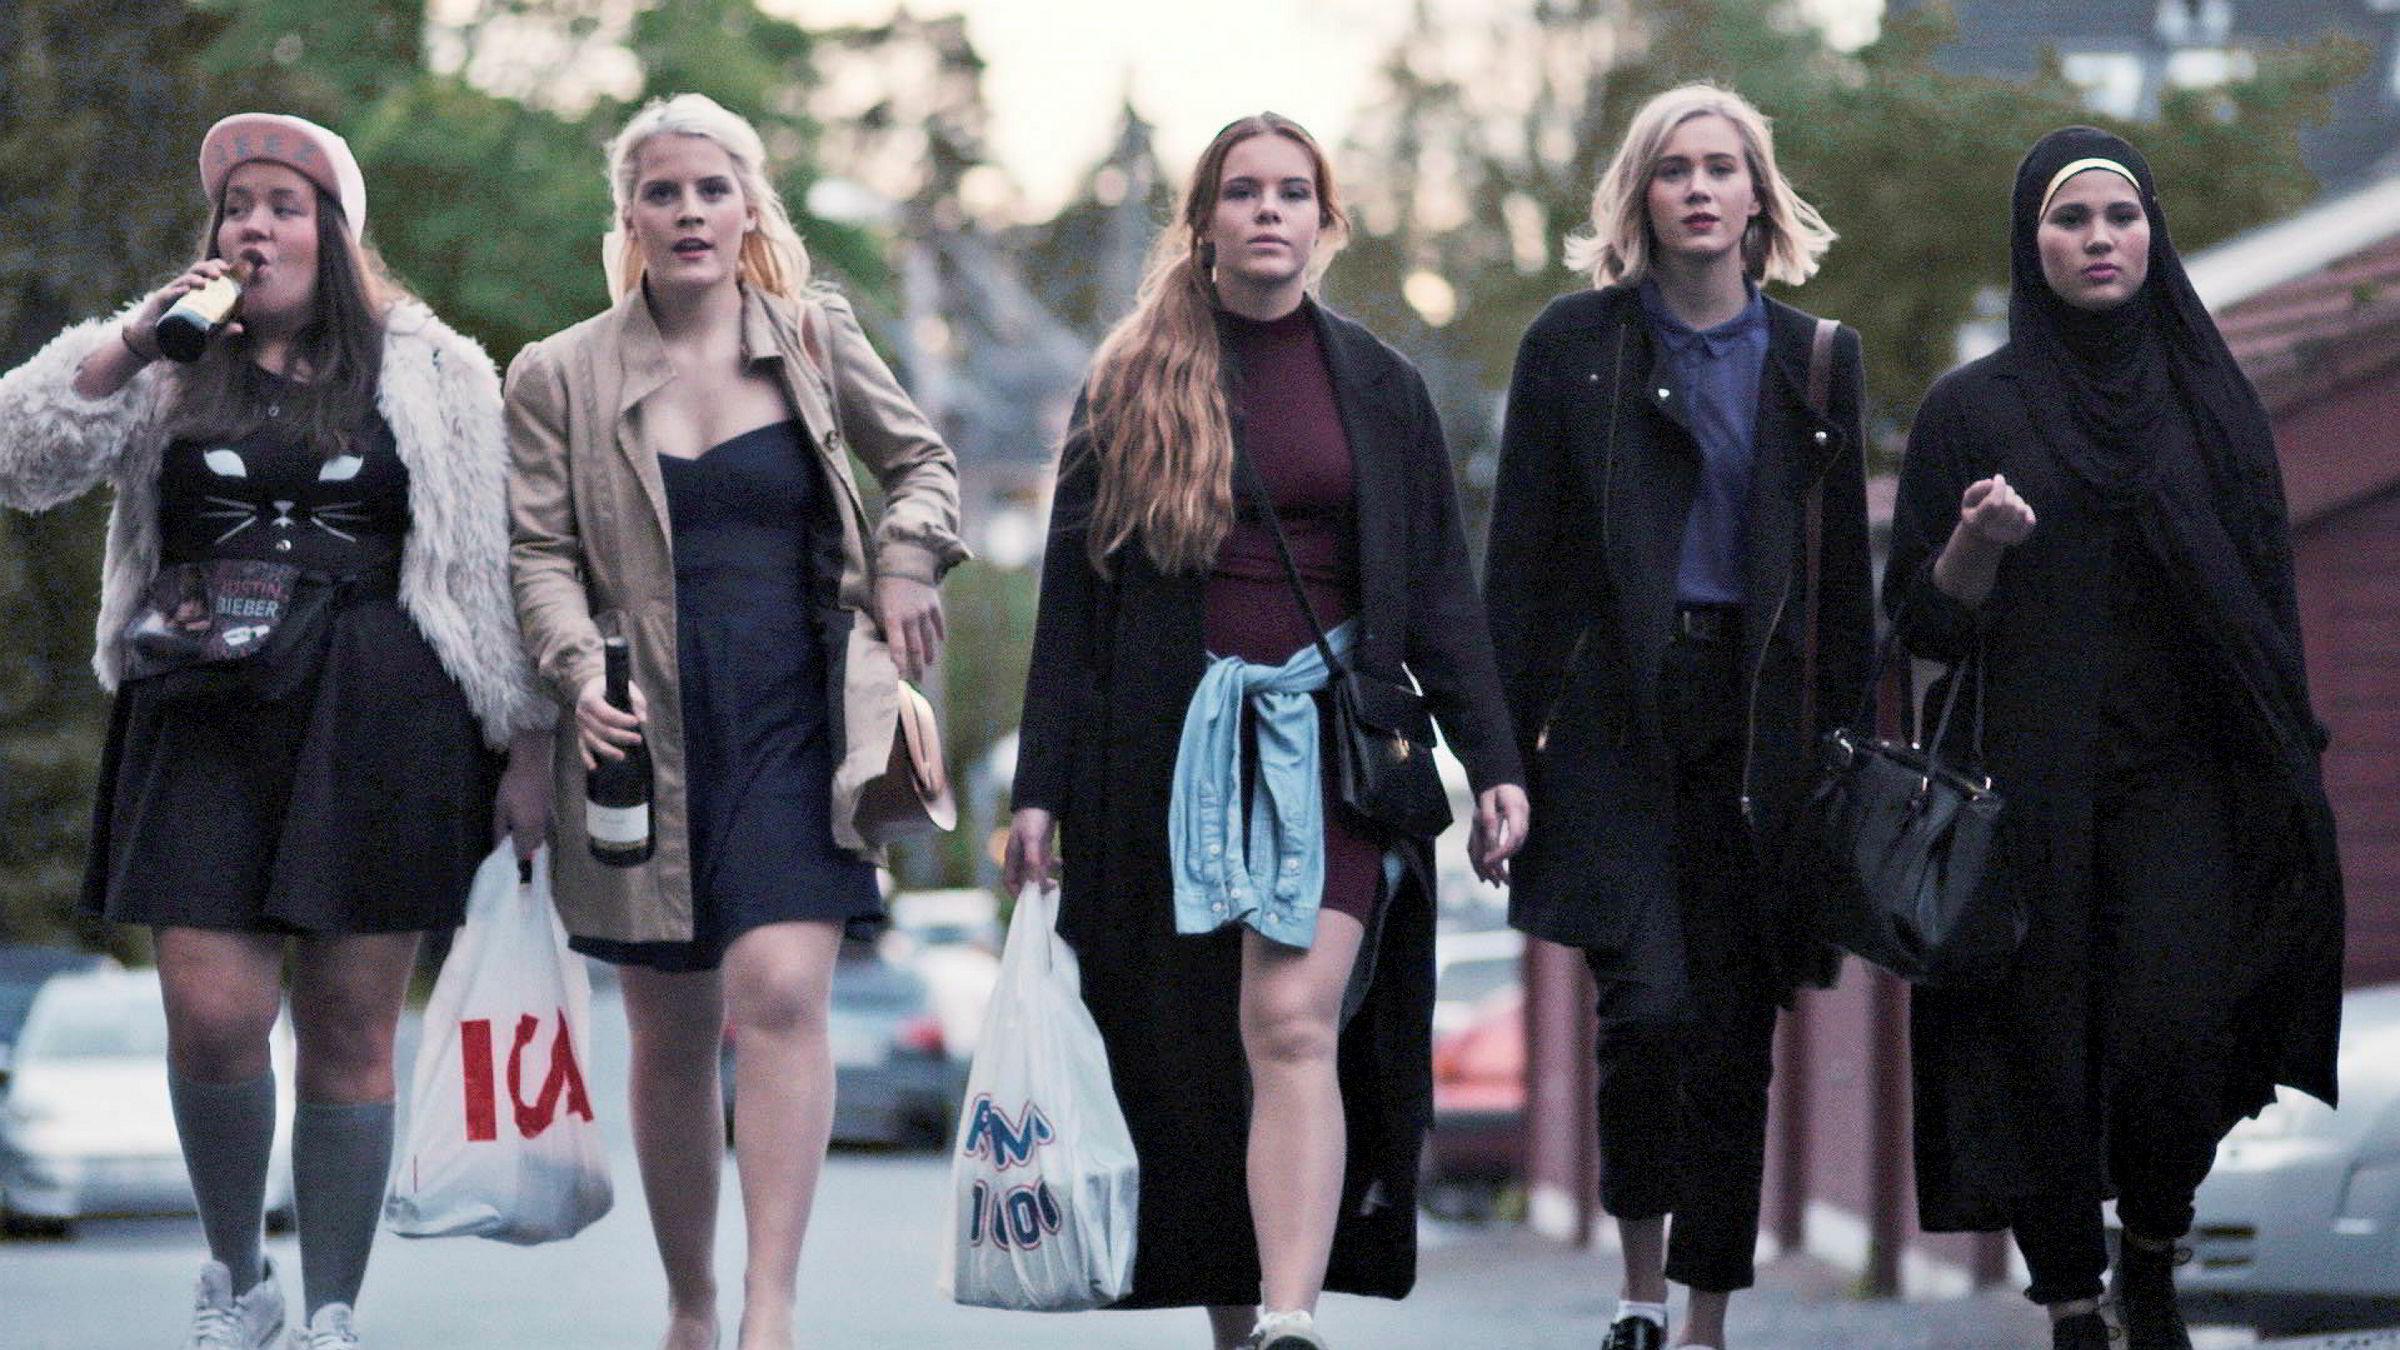 «Skam», her ved Chris (Ina Svenningsdal), Vilde (Ulrikke Falch), Eva (Lisa Teige), Noora (Josefine Frida Pettersen) og Sana (Iman Meskini), blir snart å se i amerikansk format på Facebooks nye streamingtjeneste.